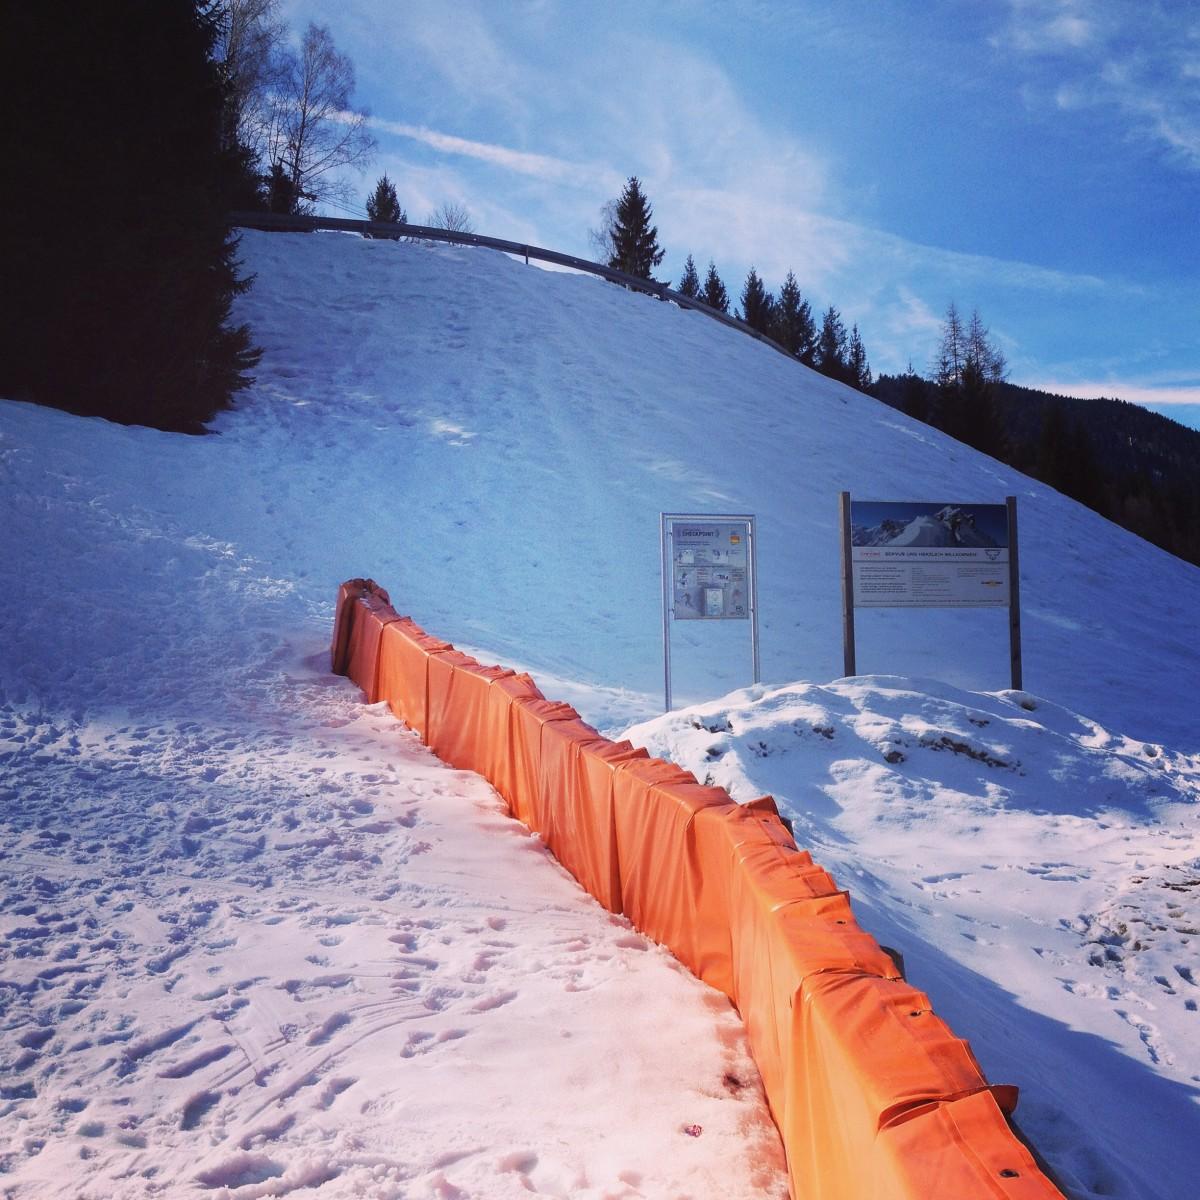 Einstieg und erste Tafel direkt am Parkplatz - Skitouren-Lehrpfad am Eckbauer, Garmisch-Partenkirchen